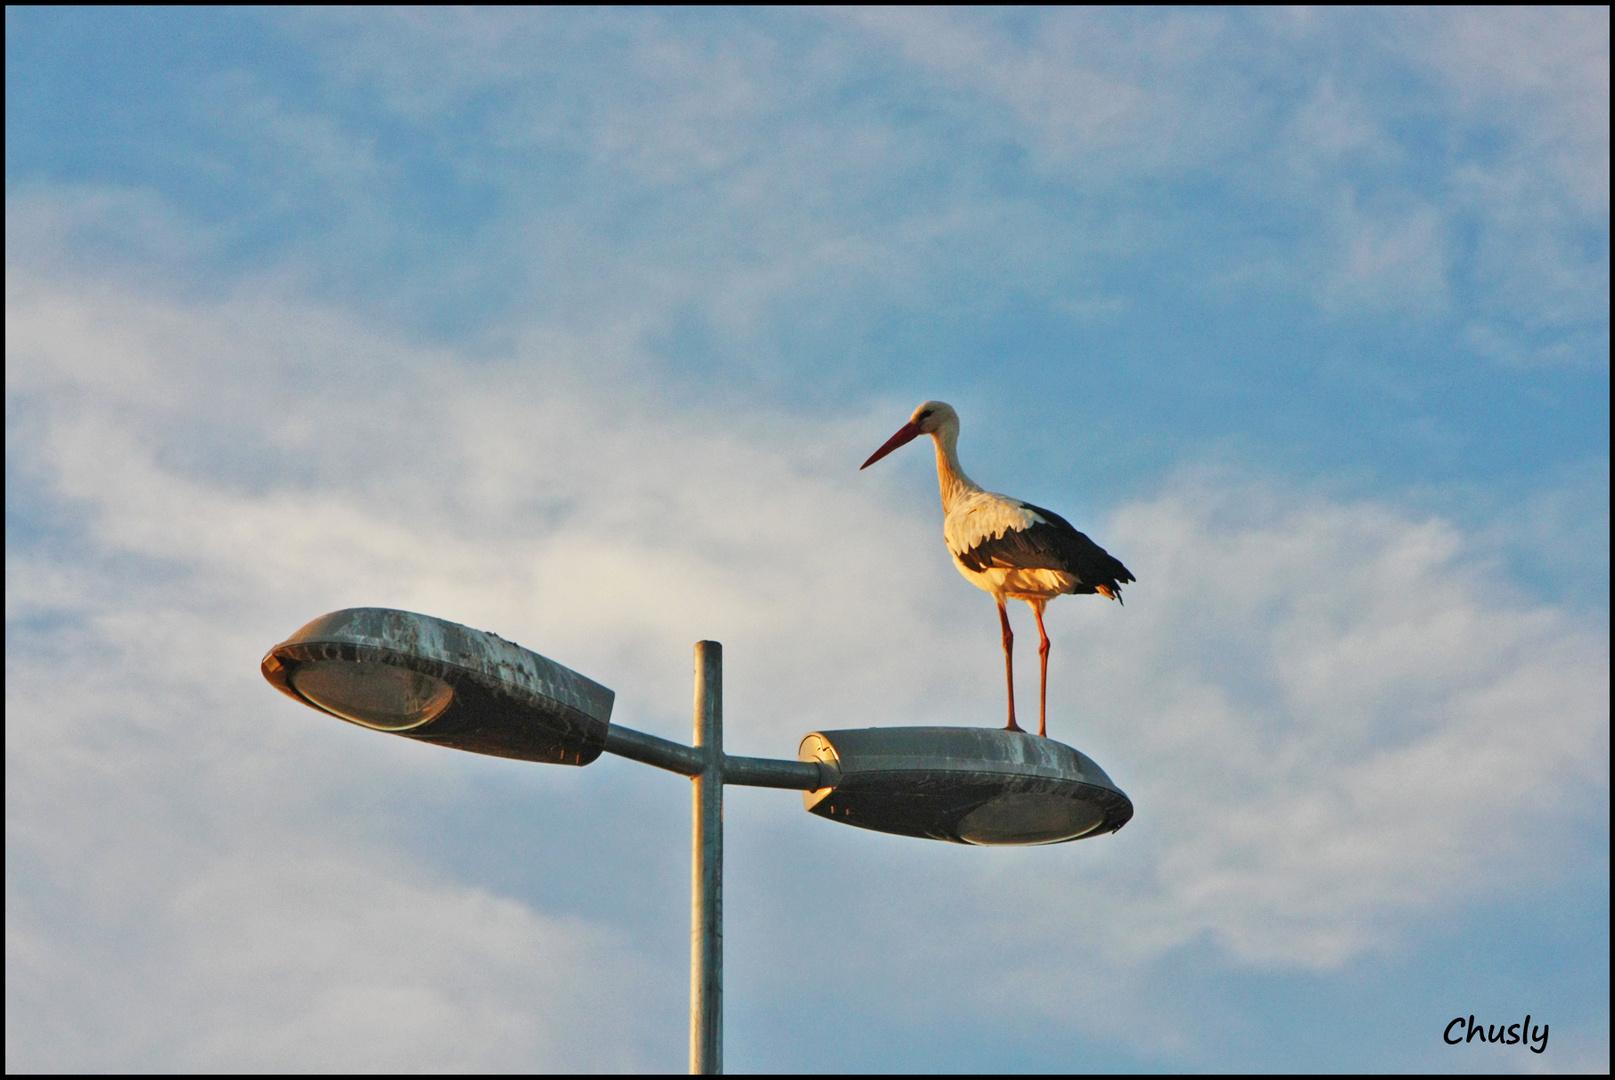 Cigüeña y farola - Stork and lamppost